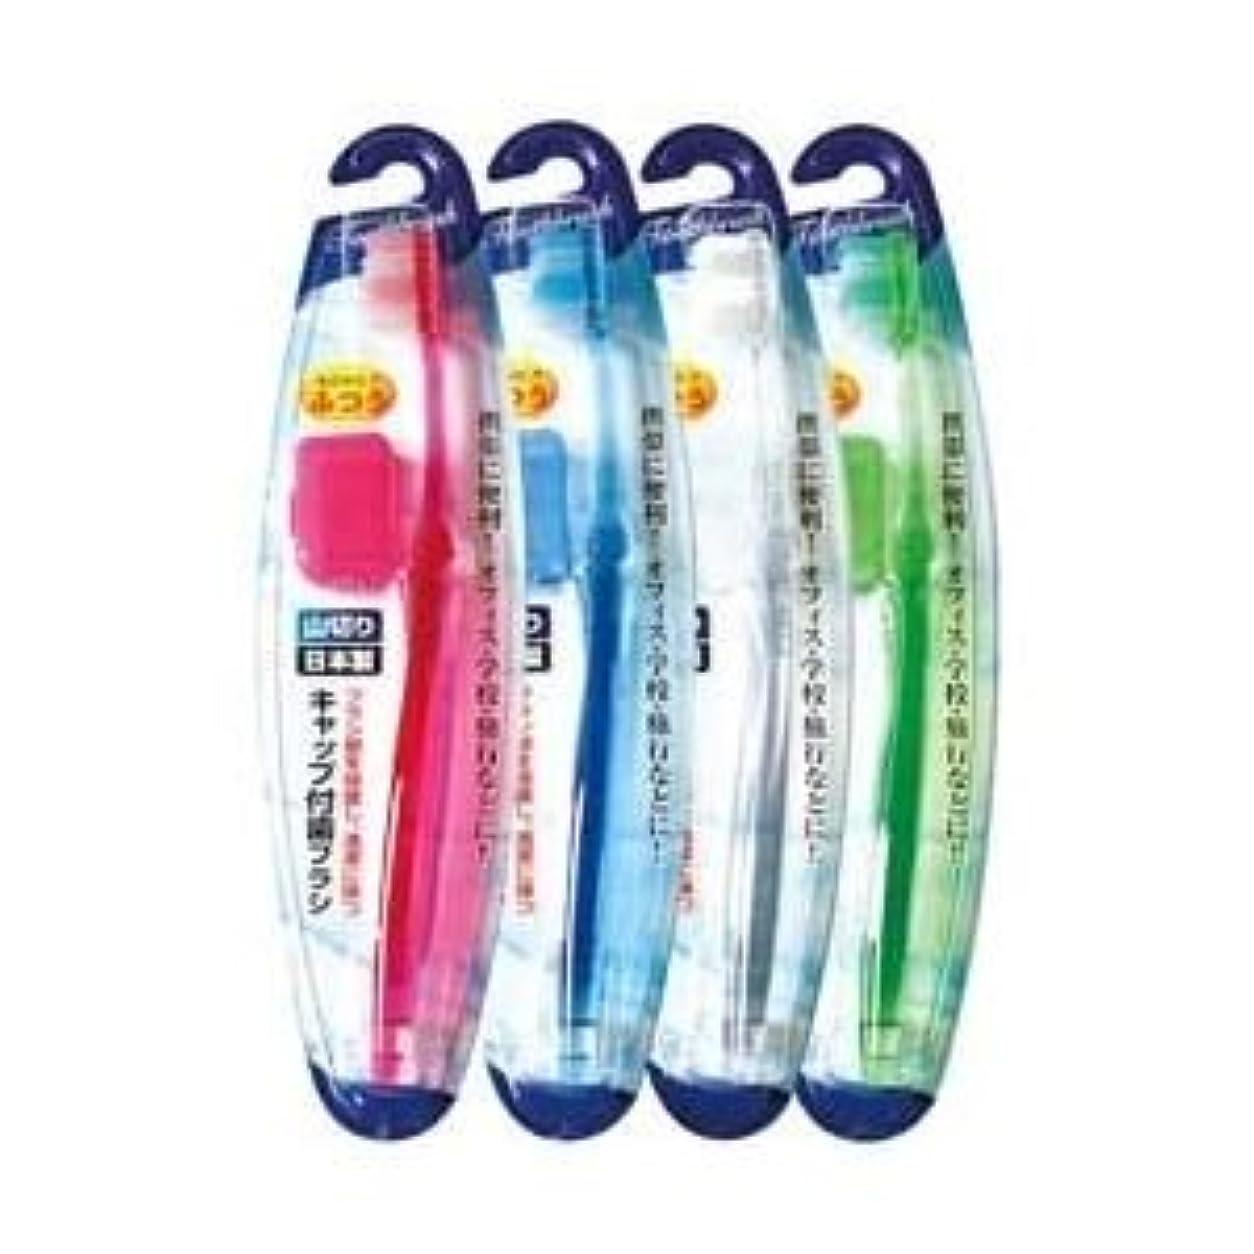 節約利用可能パターンキャップ付歯ブラシ山切りカット(ふつう)日本製 【12個セット】 41-209